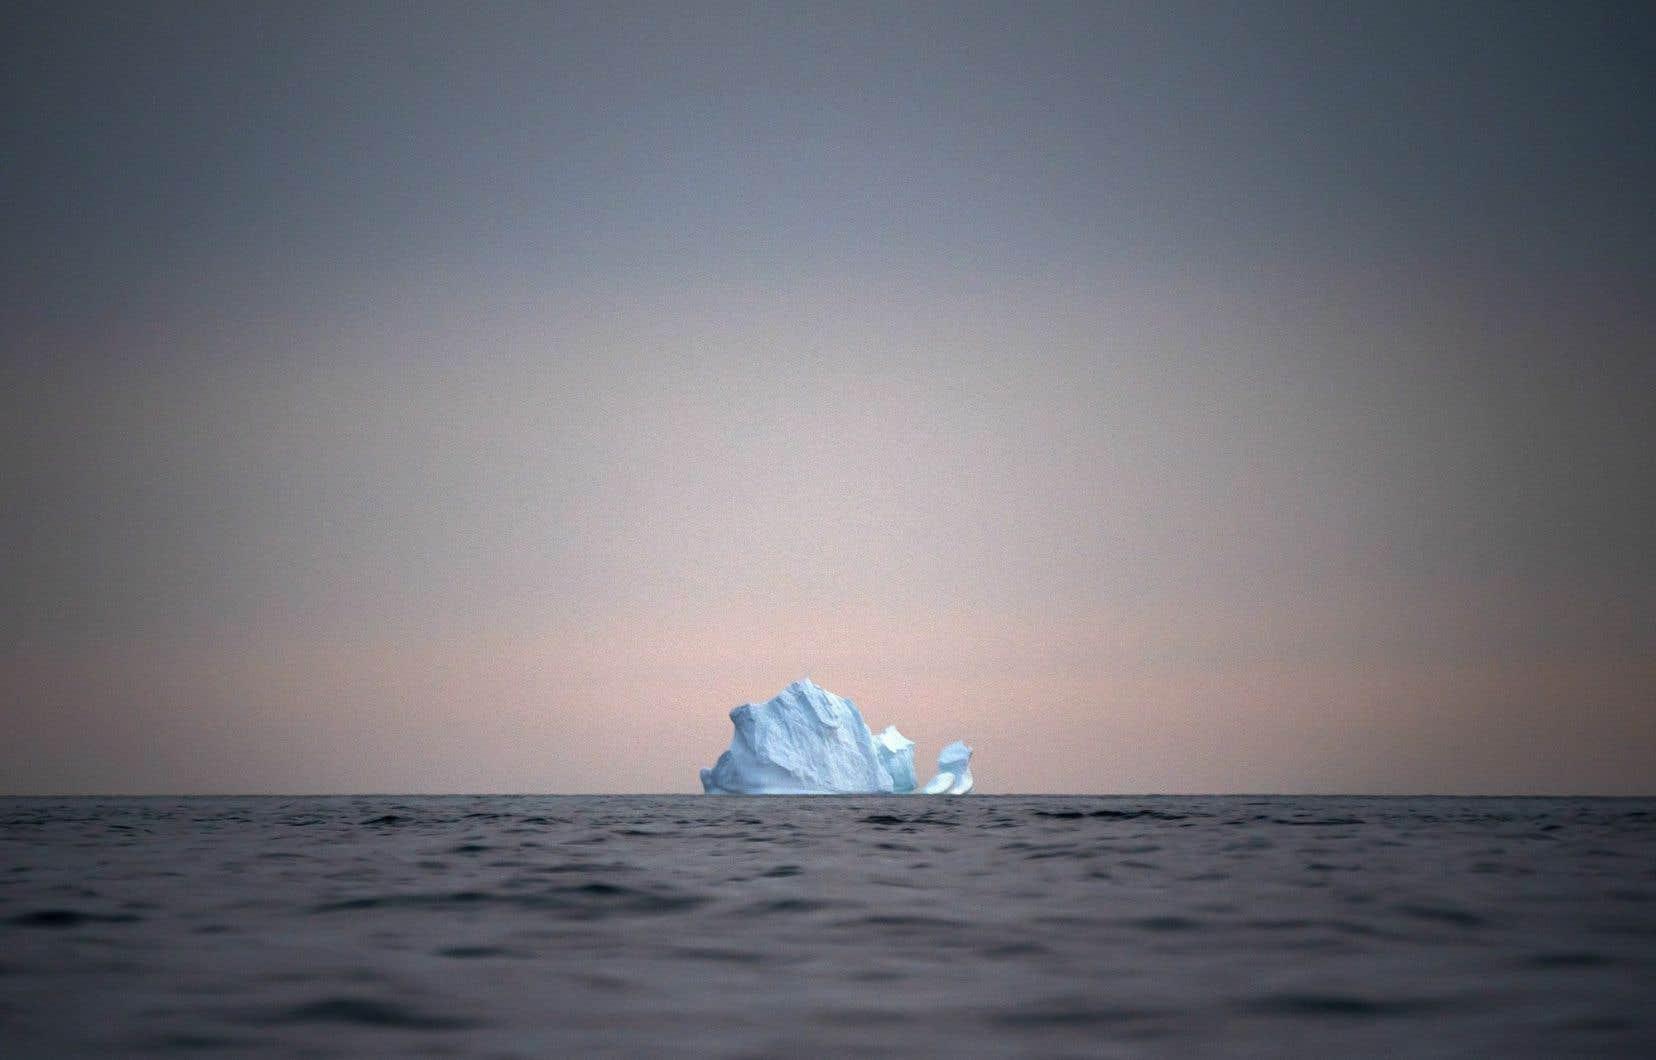 Des chercheurs ont révélé qu'en 2019, la fonte des glaces au Groenland représentait 40% de l'augmentation du niveau mondial des mers et des océans.